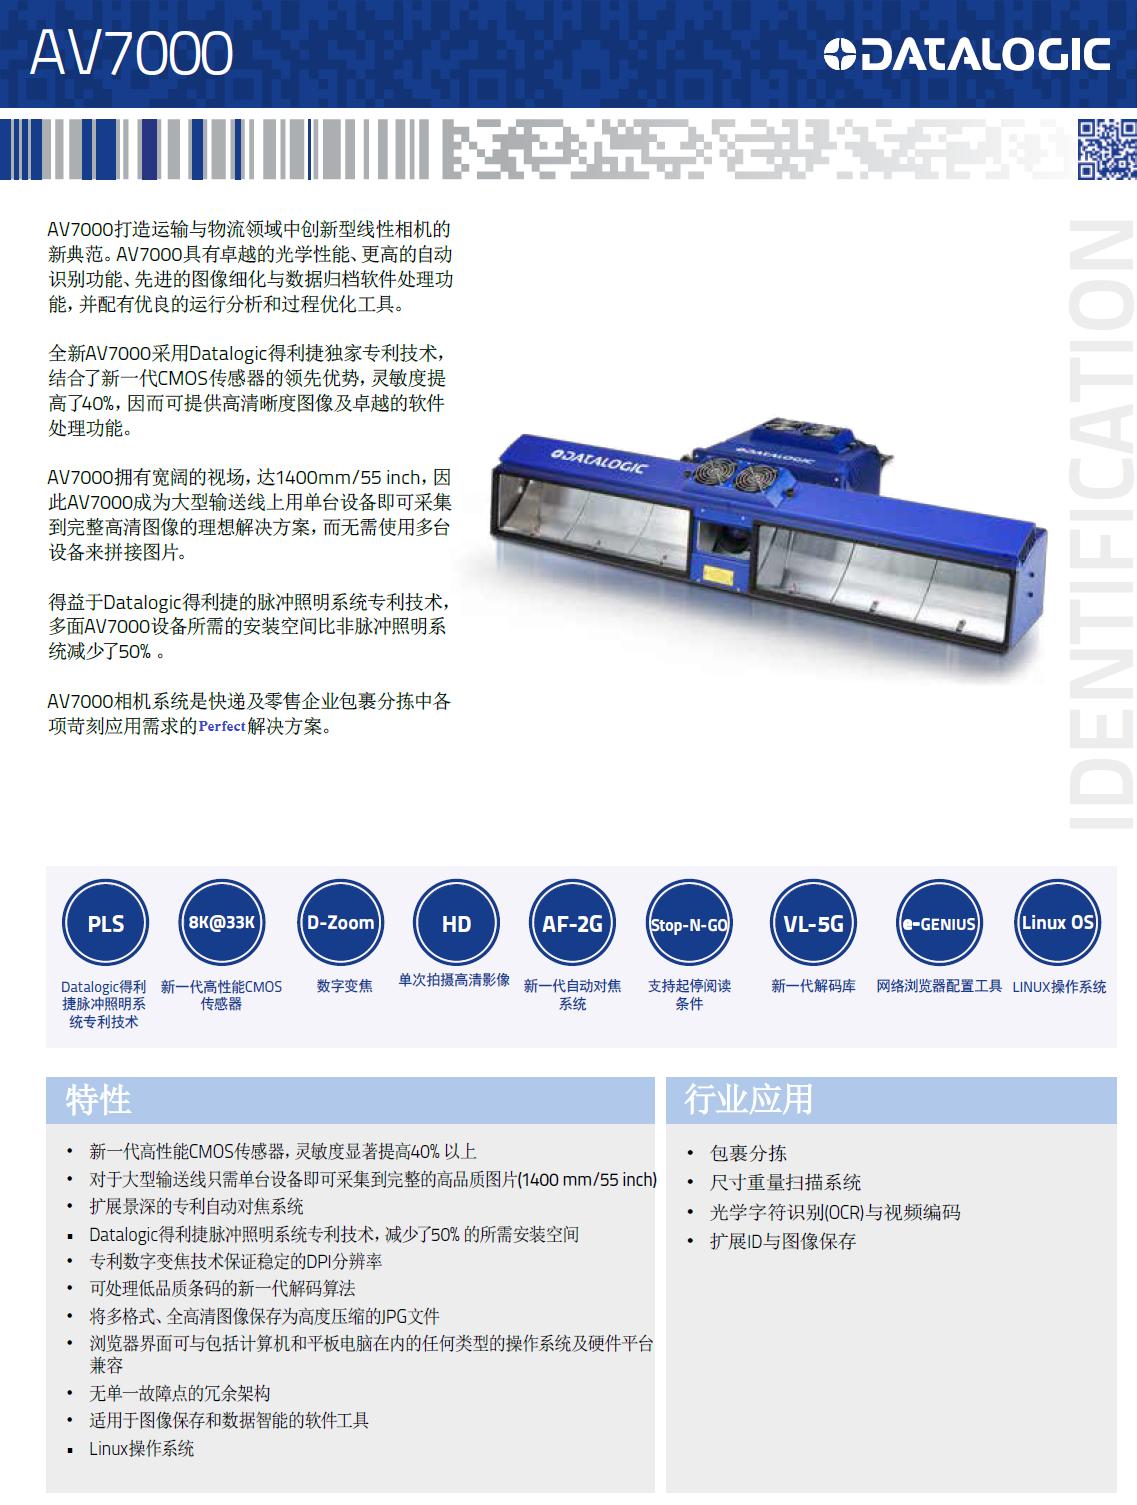 AV7000固定式扫描器手册